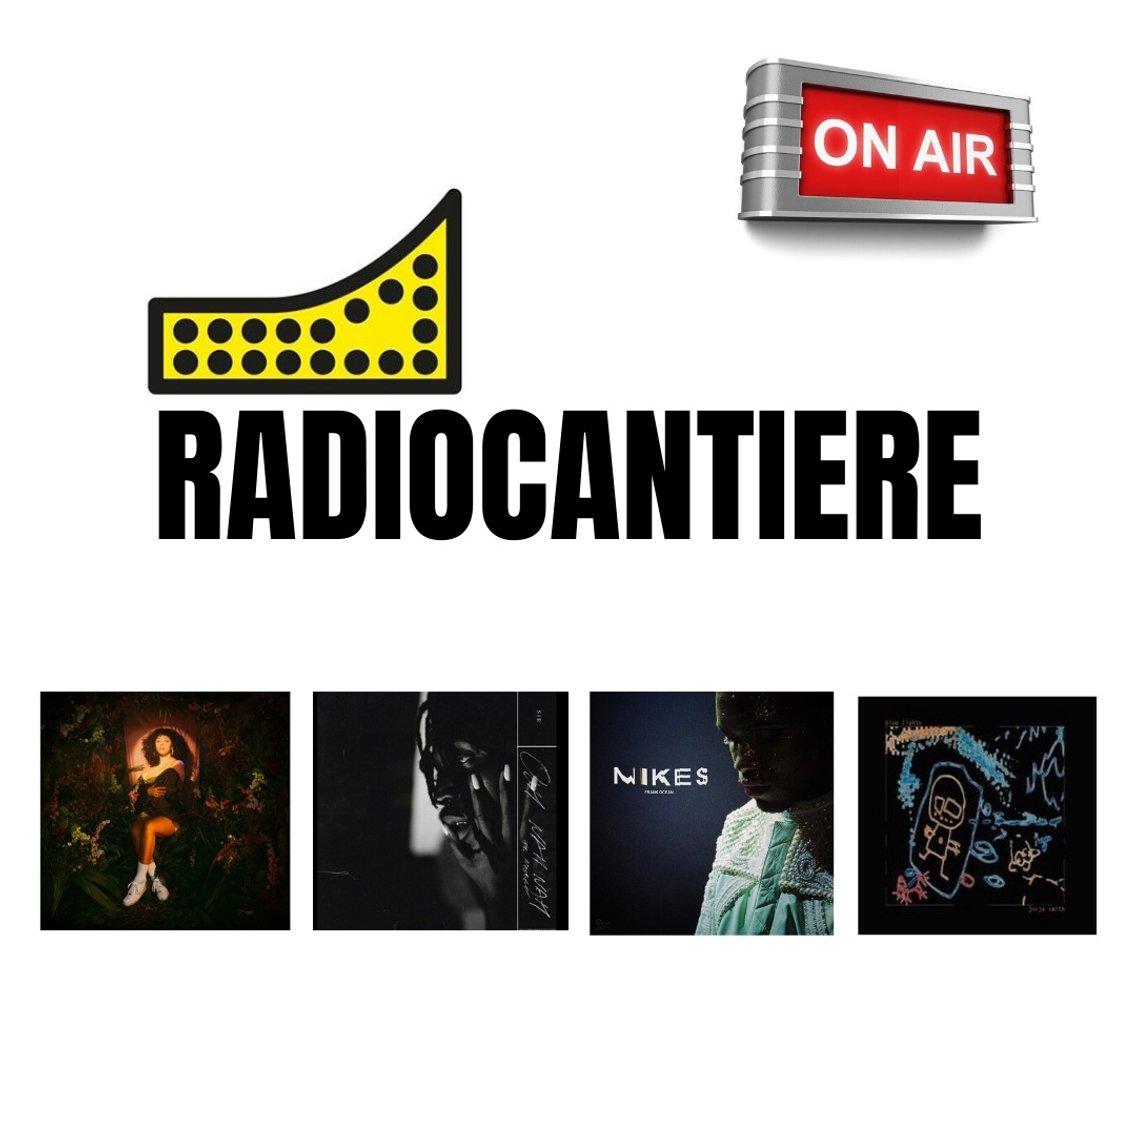 Radiocantiere - imagen de portada